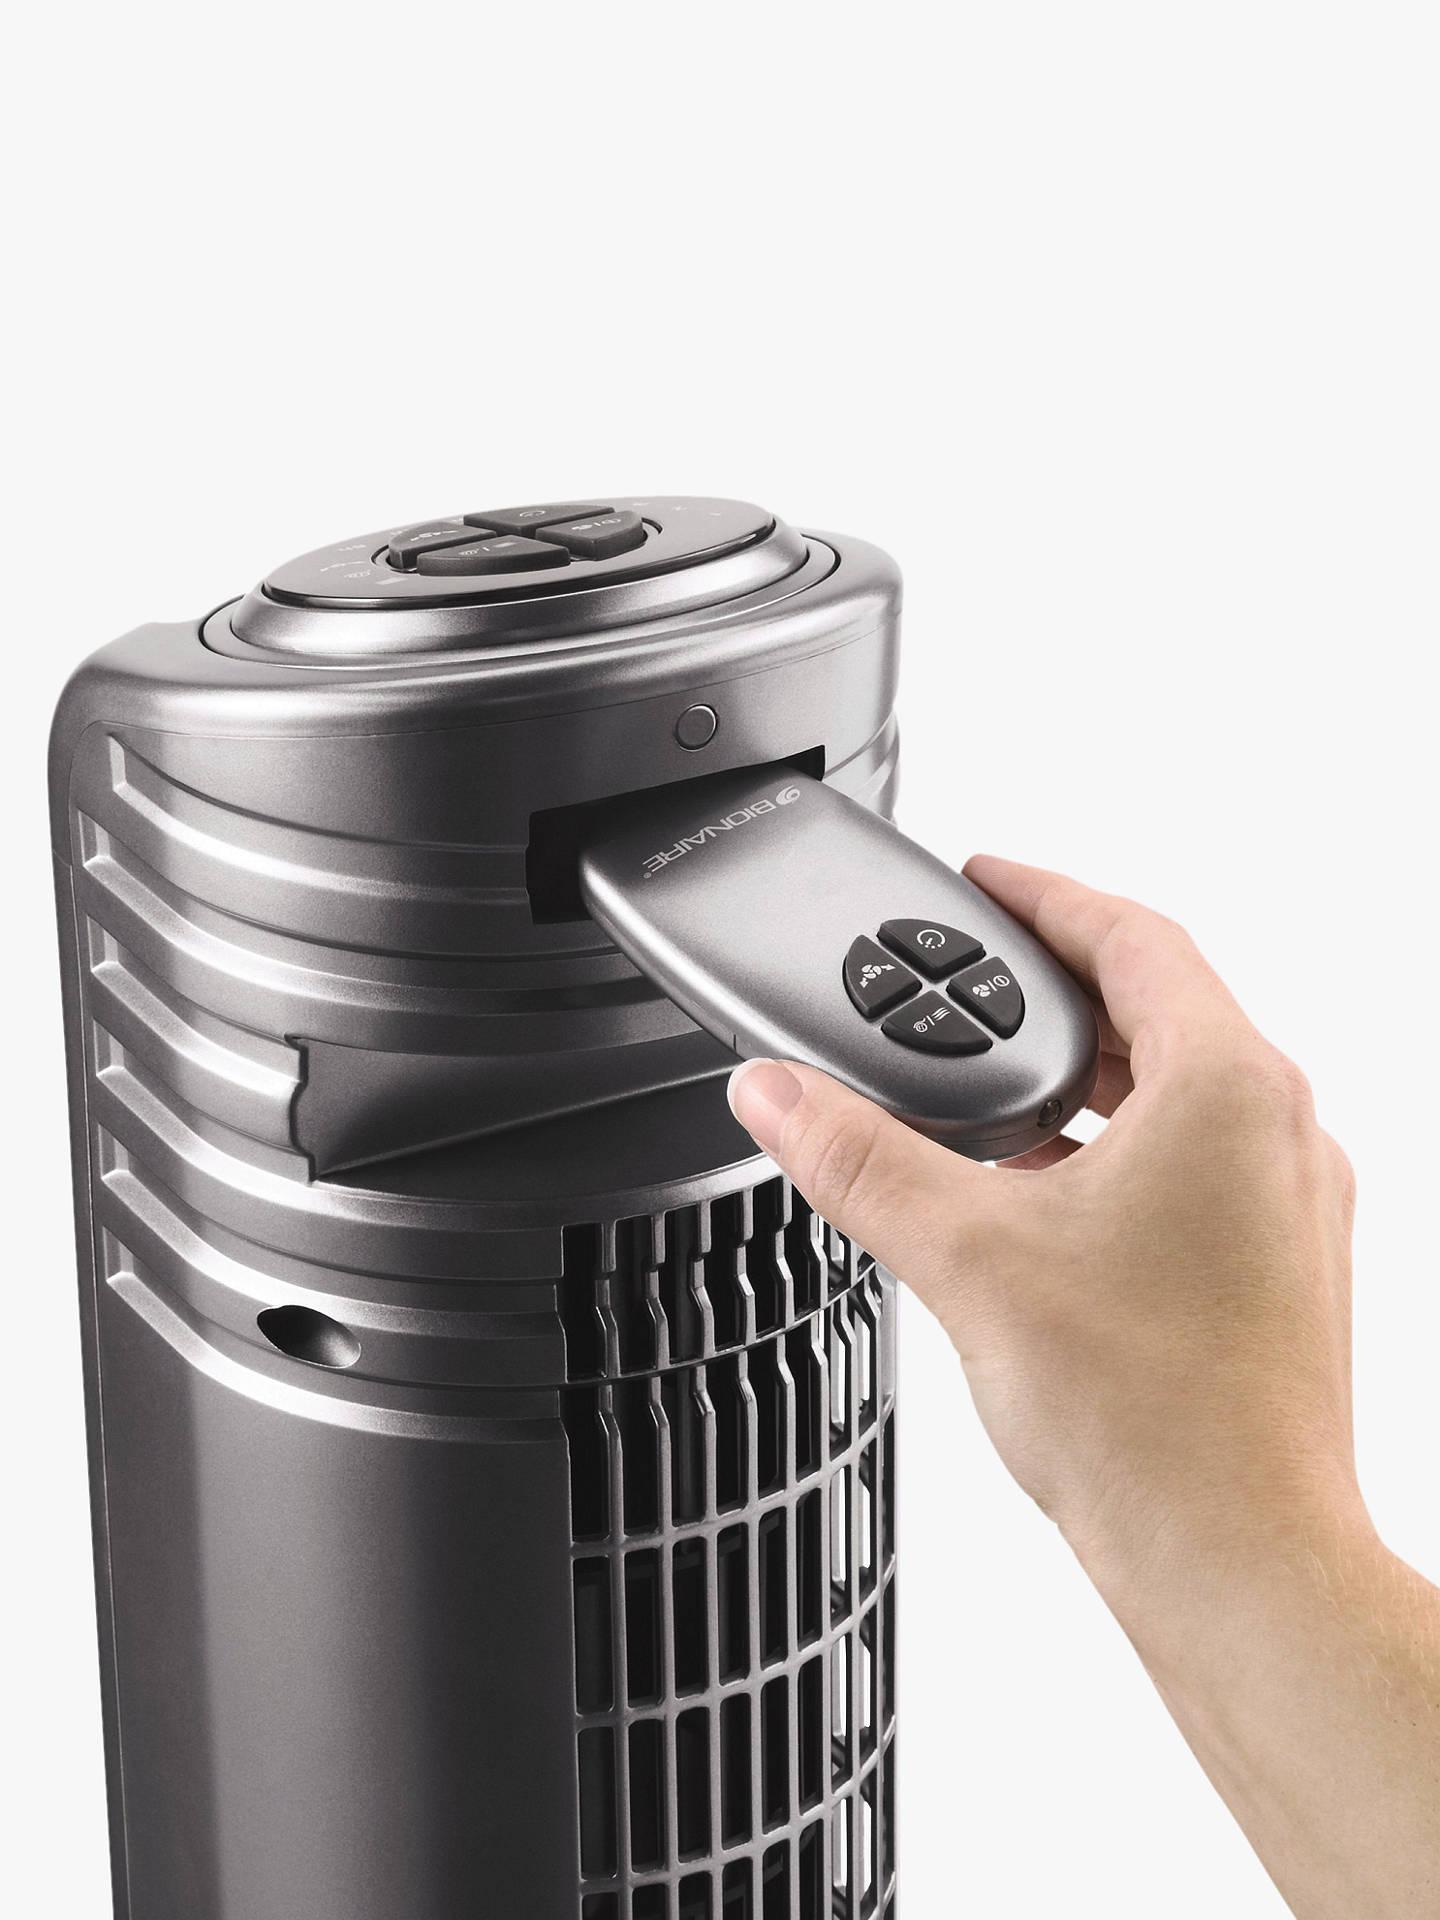 Bionaire BT19-IUK Tower Fan, Silver